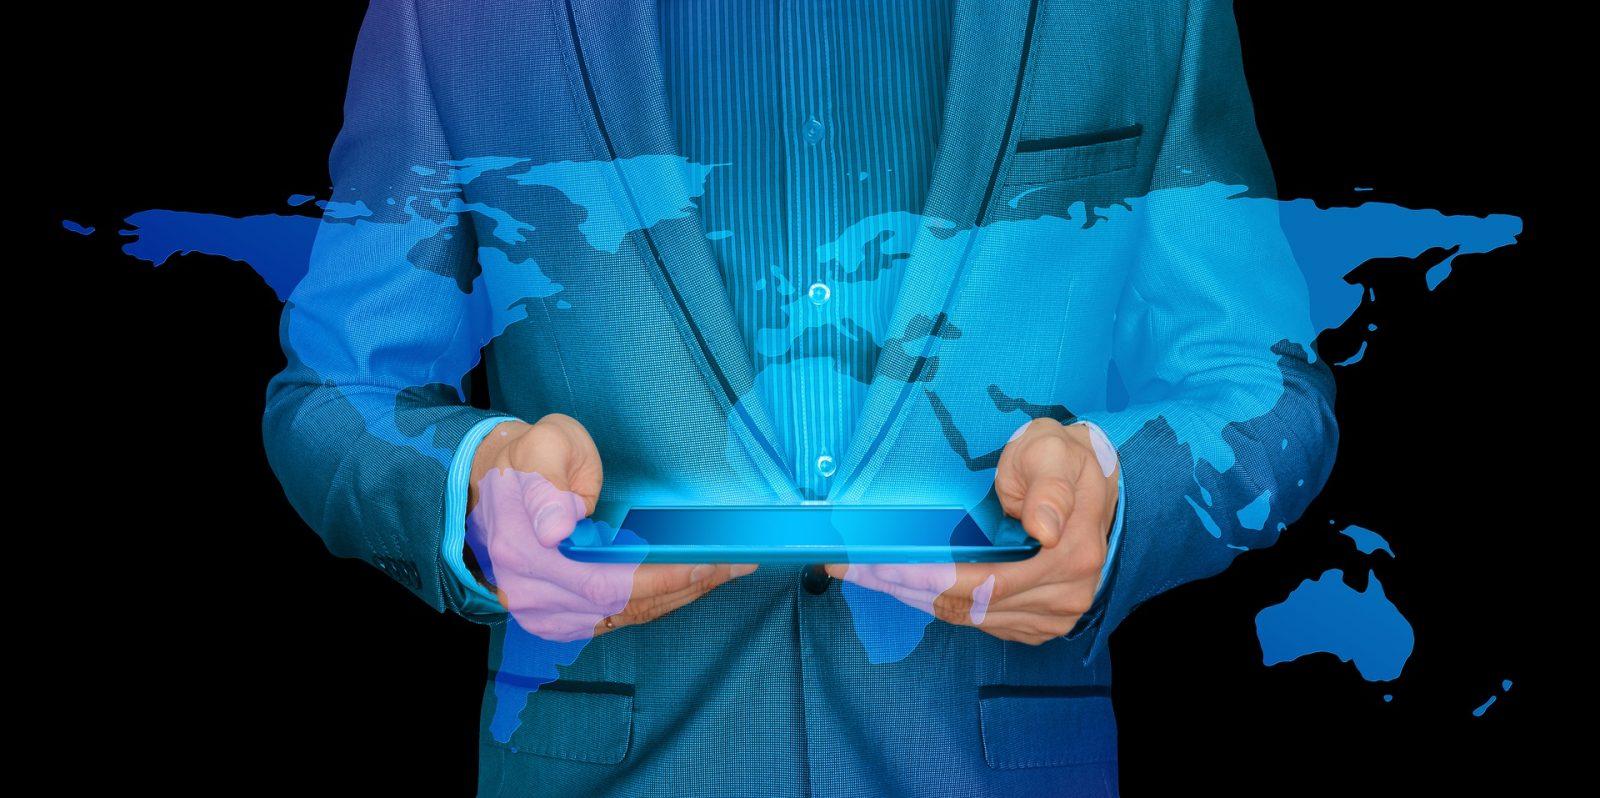 La stratégie digitale pour PME et Startup, nouvelle révolution industrielle ?